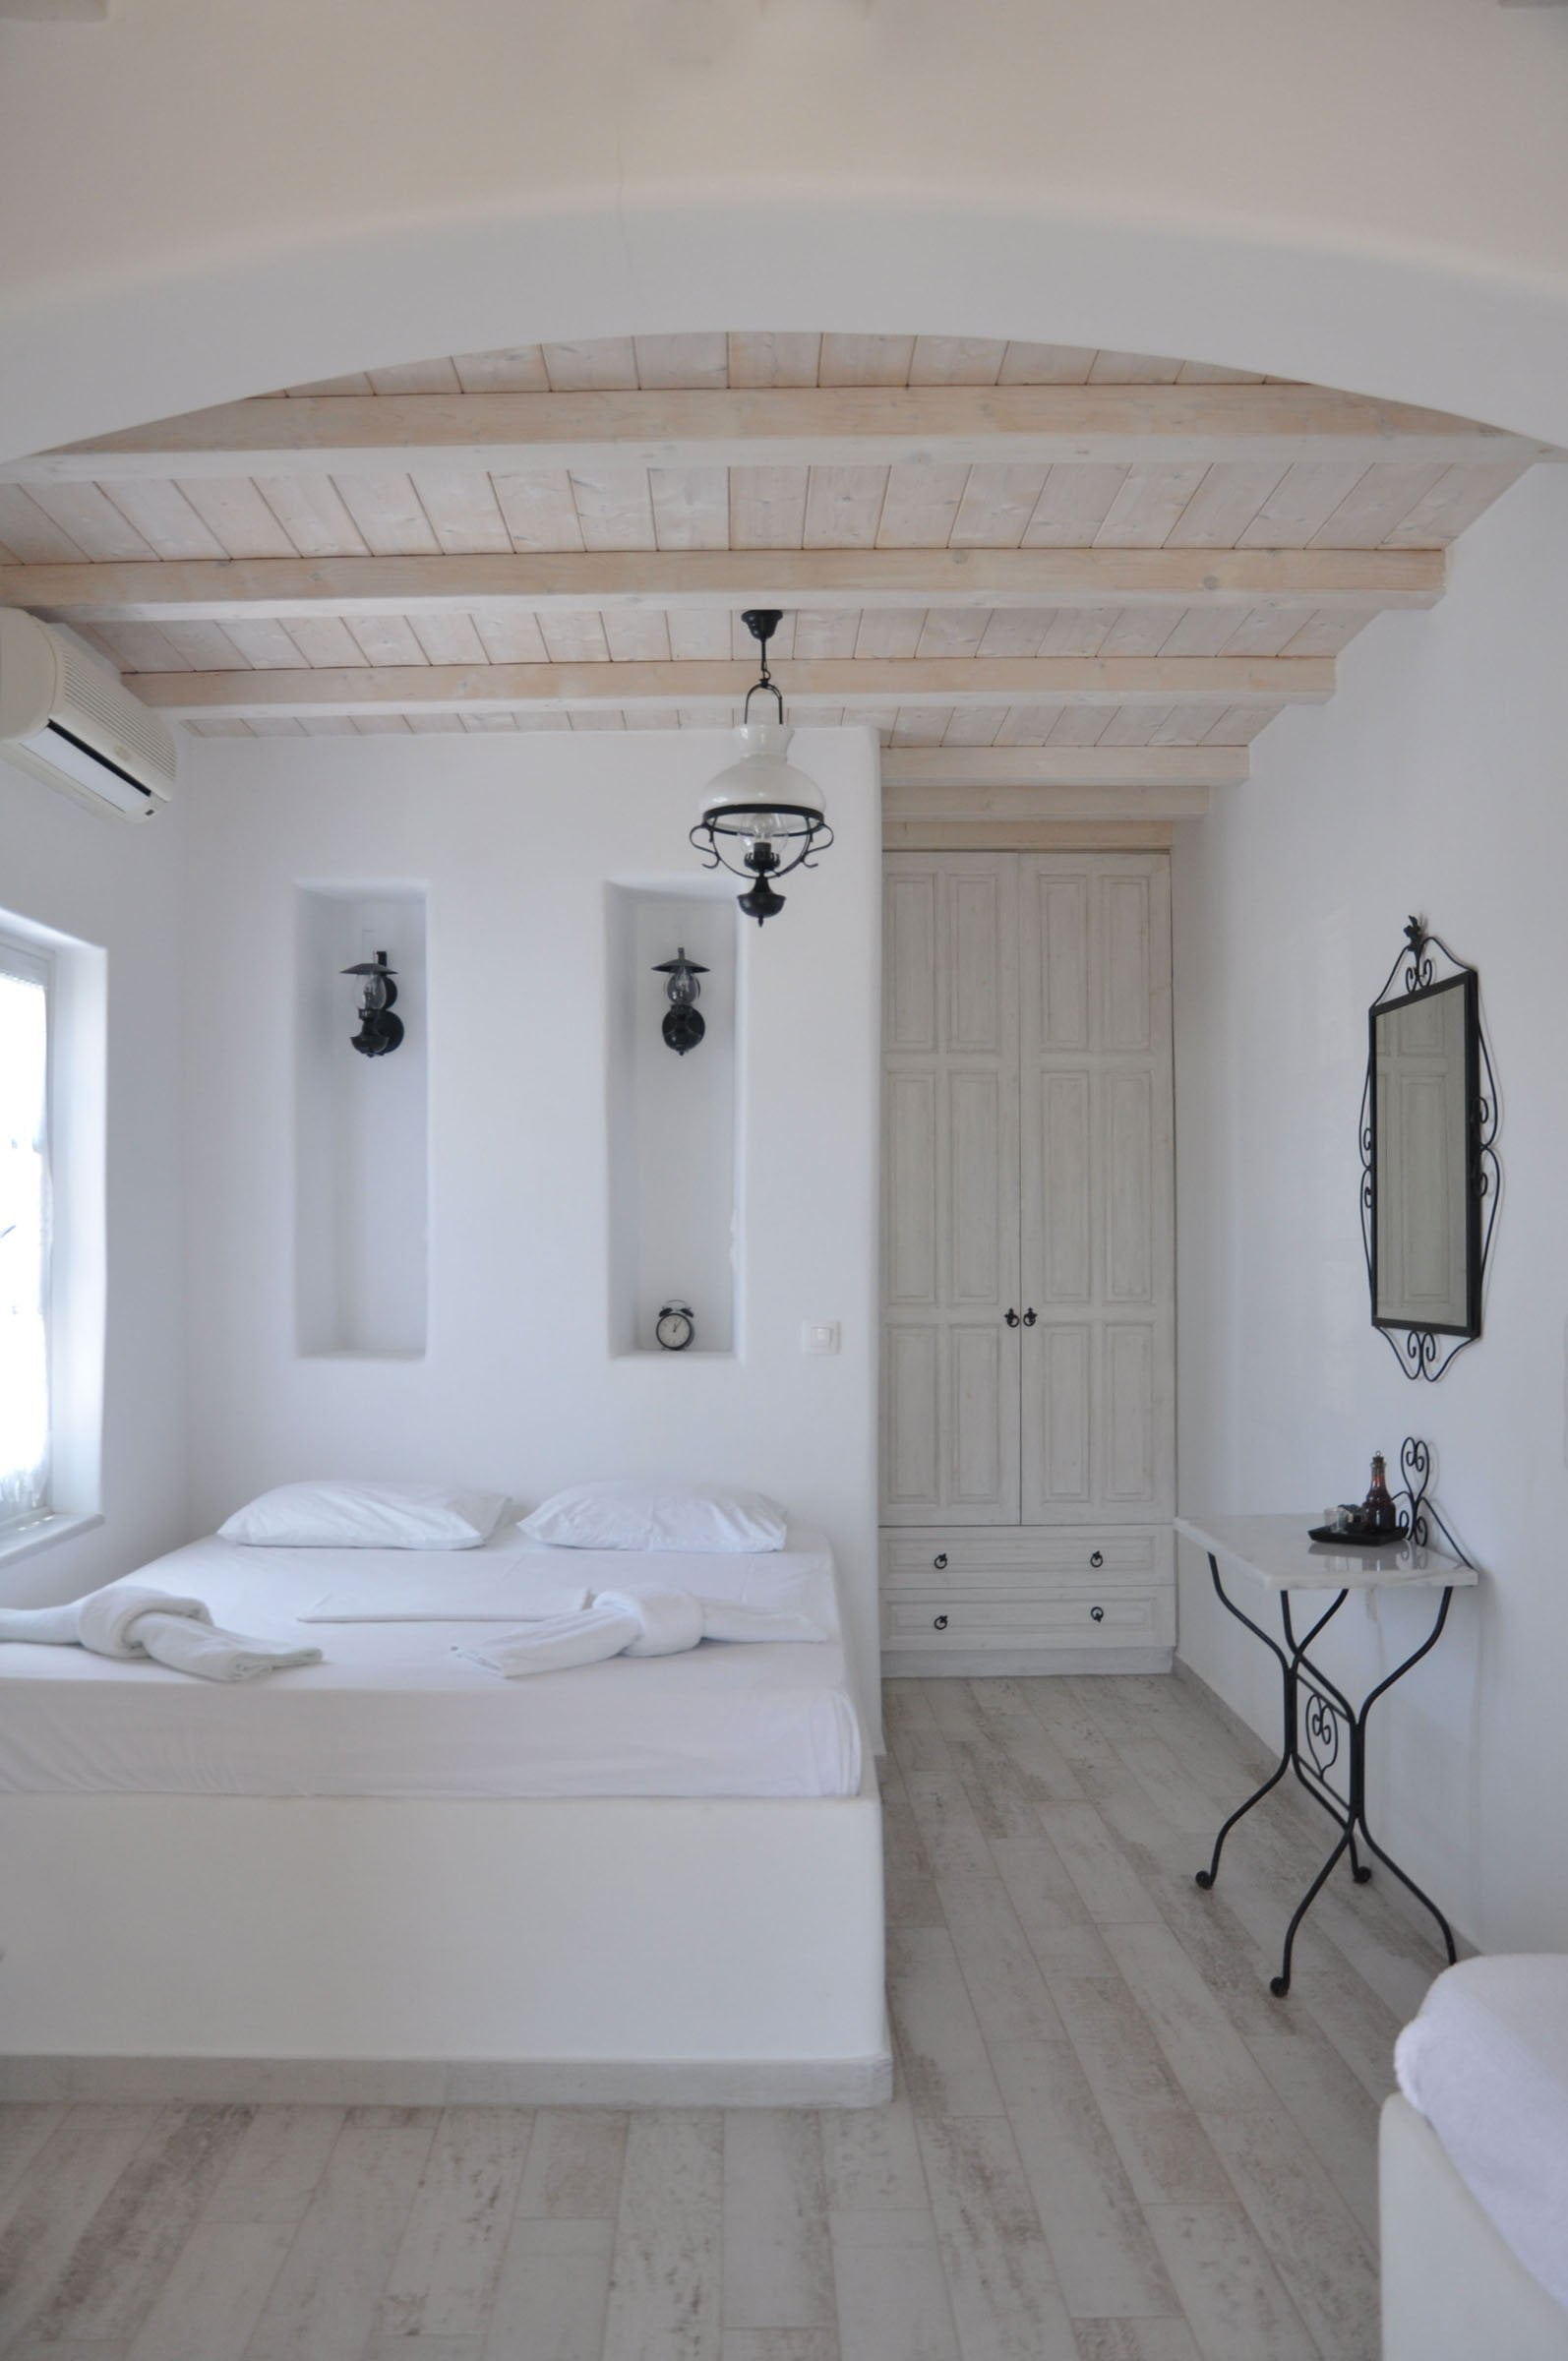 Room 1 | Studio 3 persons | First floor